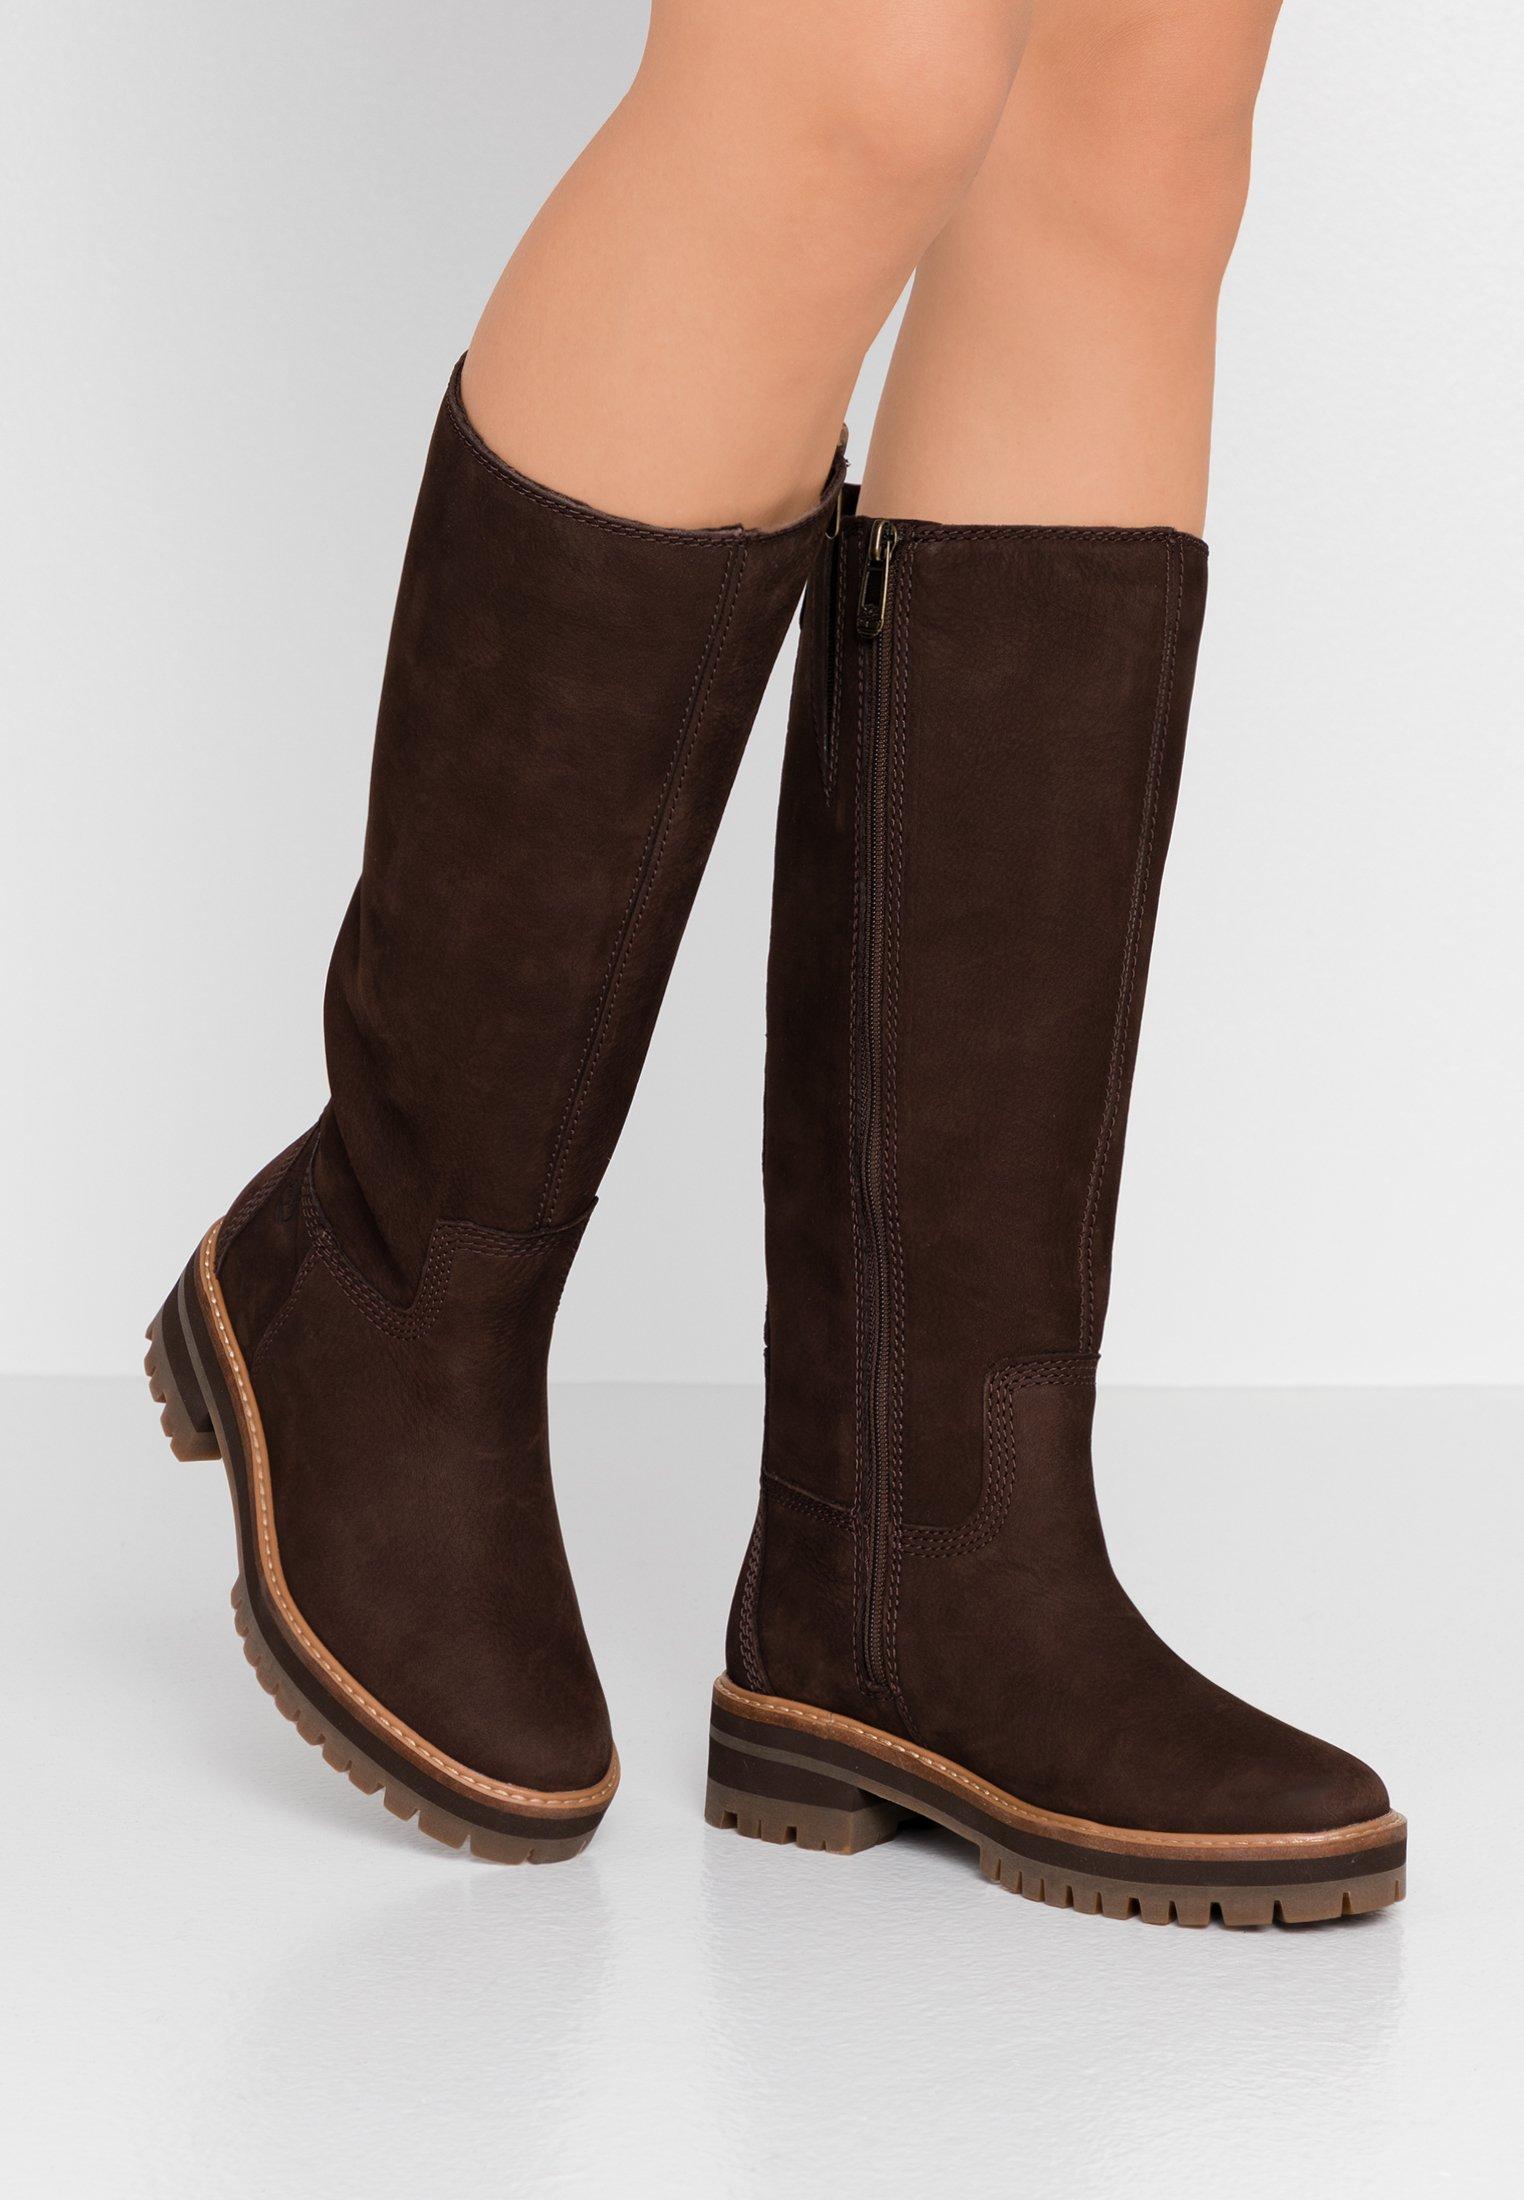 Courmayeur Valley Tall Knee High Boots Brown